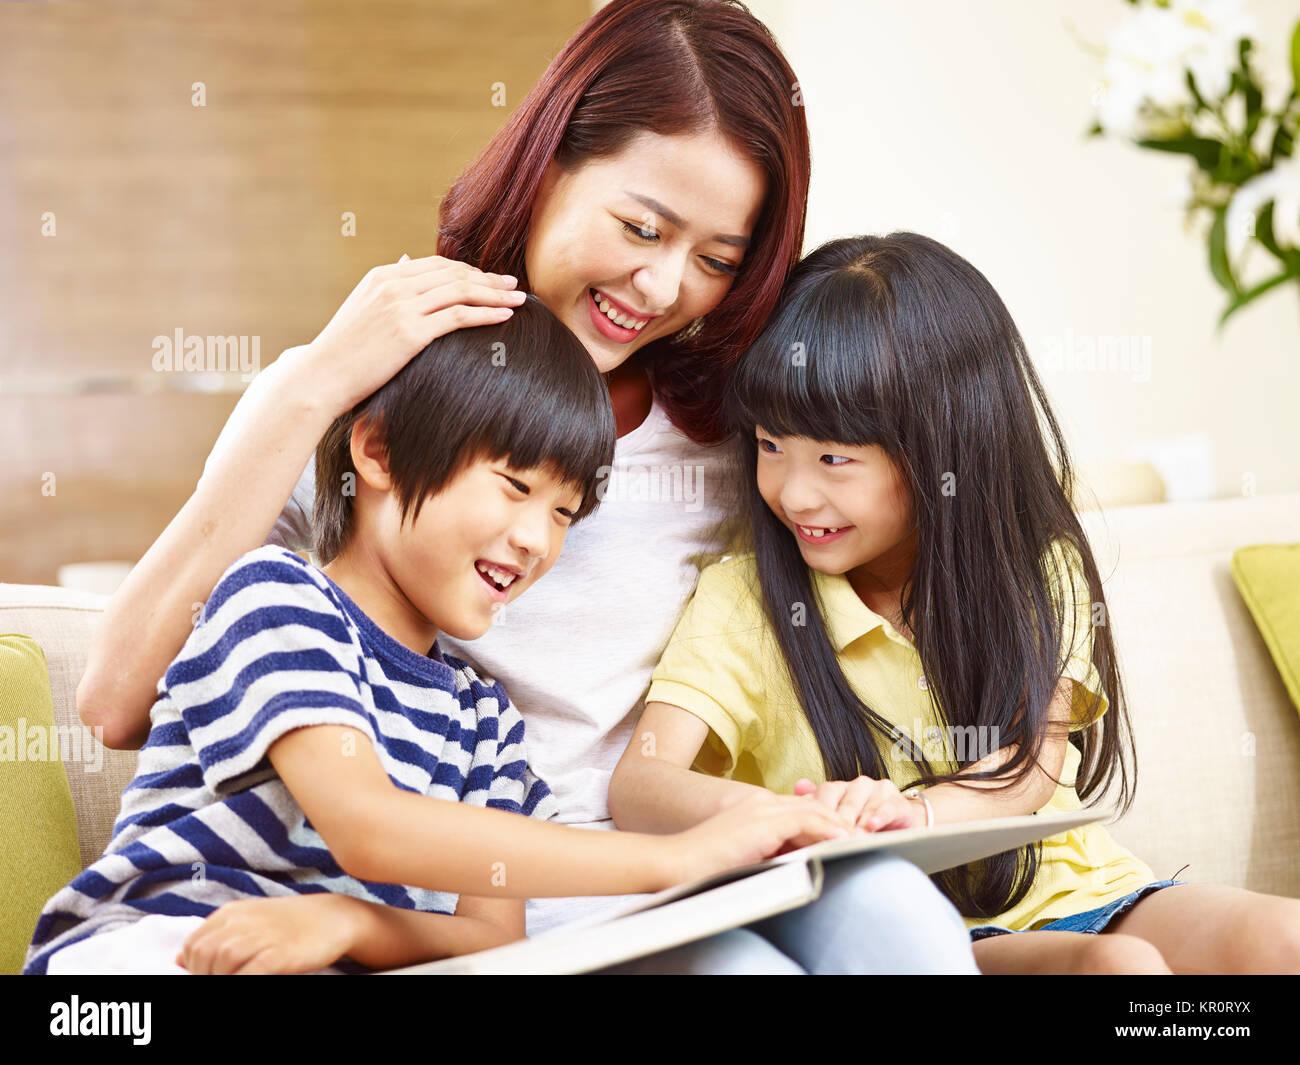 Giovani asiatici madre seduti sul divano di casa alla lettura della storia di due bambini piccoli. Immagini Stock